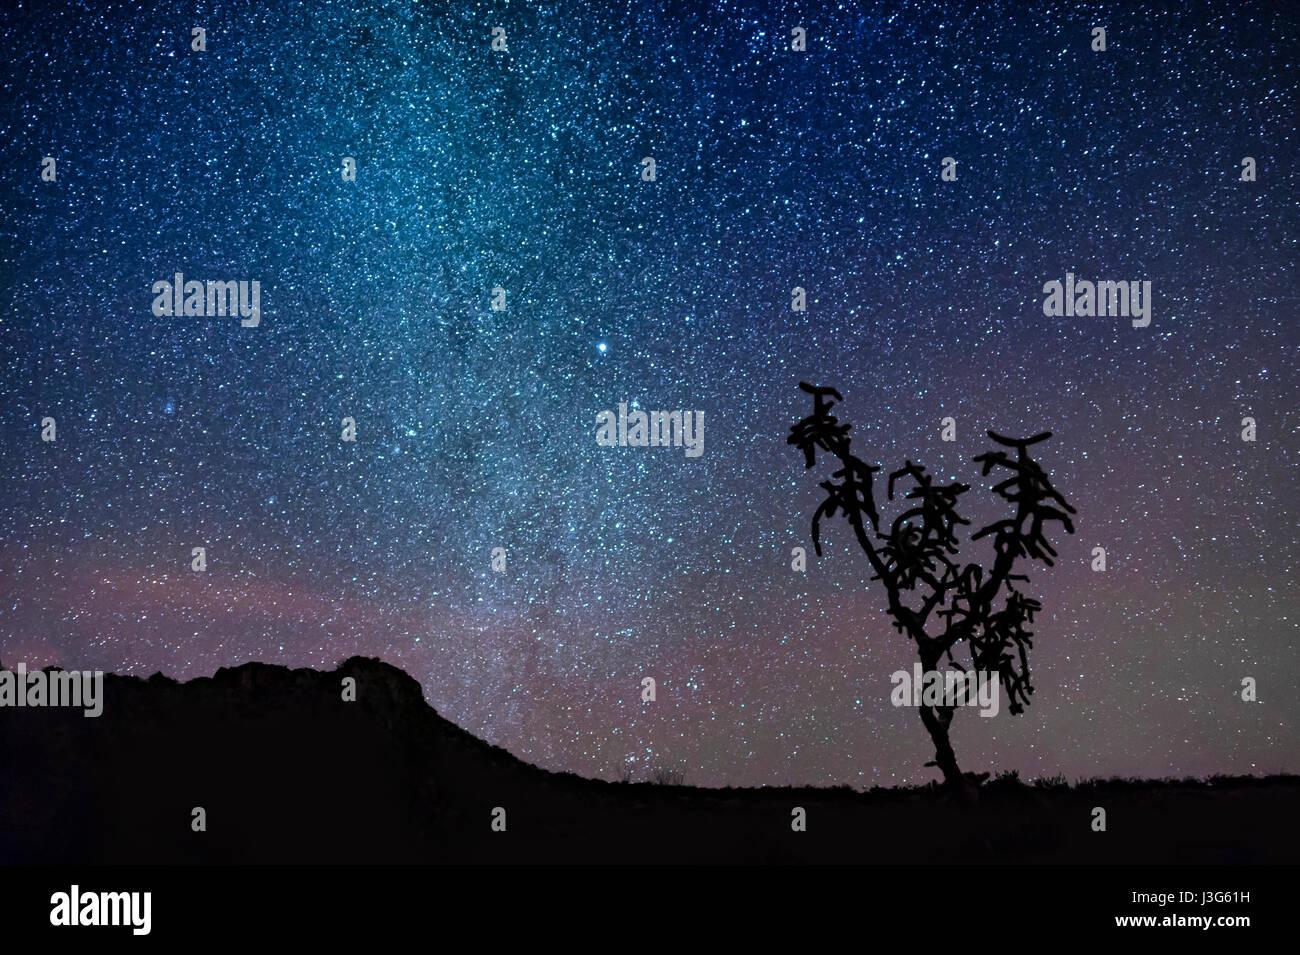 Ciel du désert avec des étoiles et silhouette de cactus Photo Stock